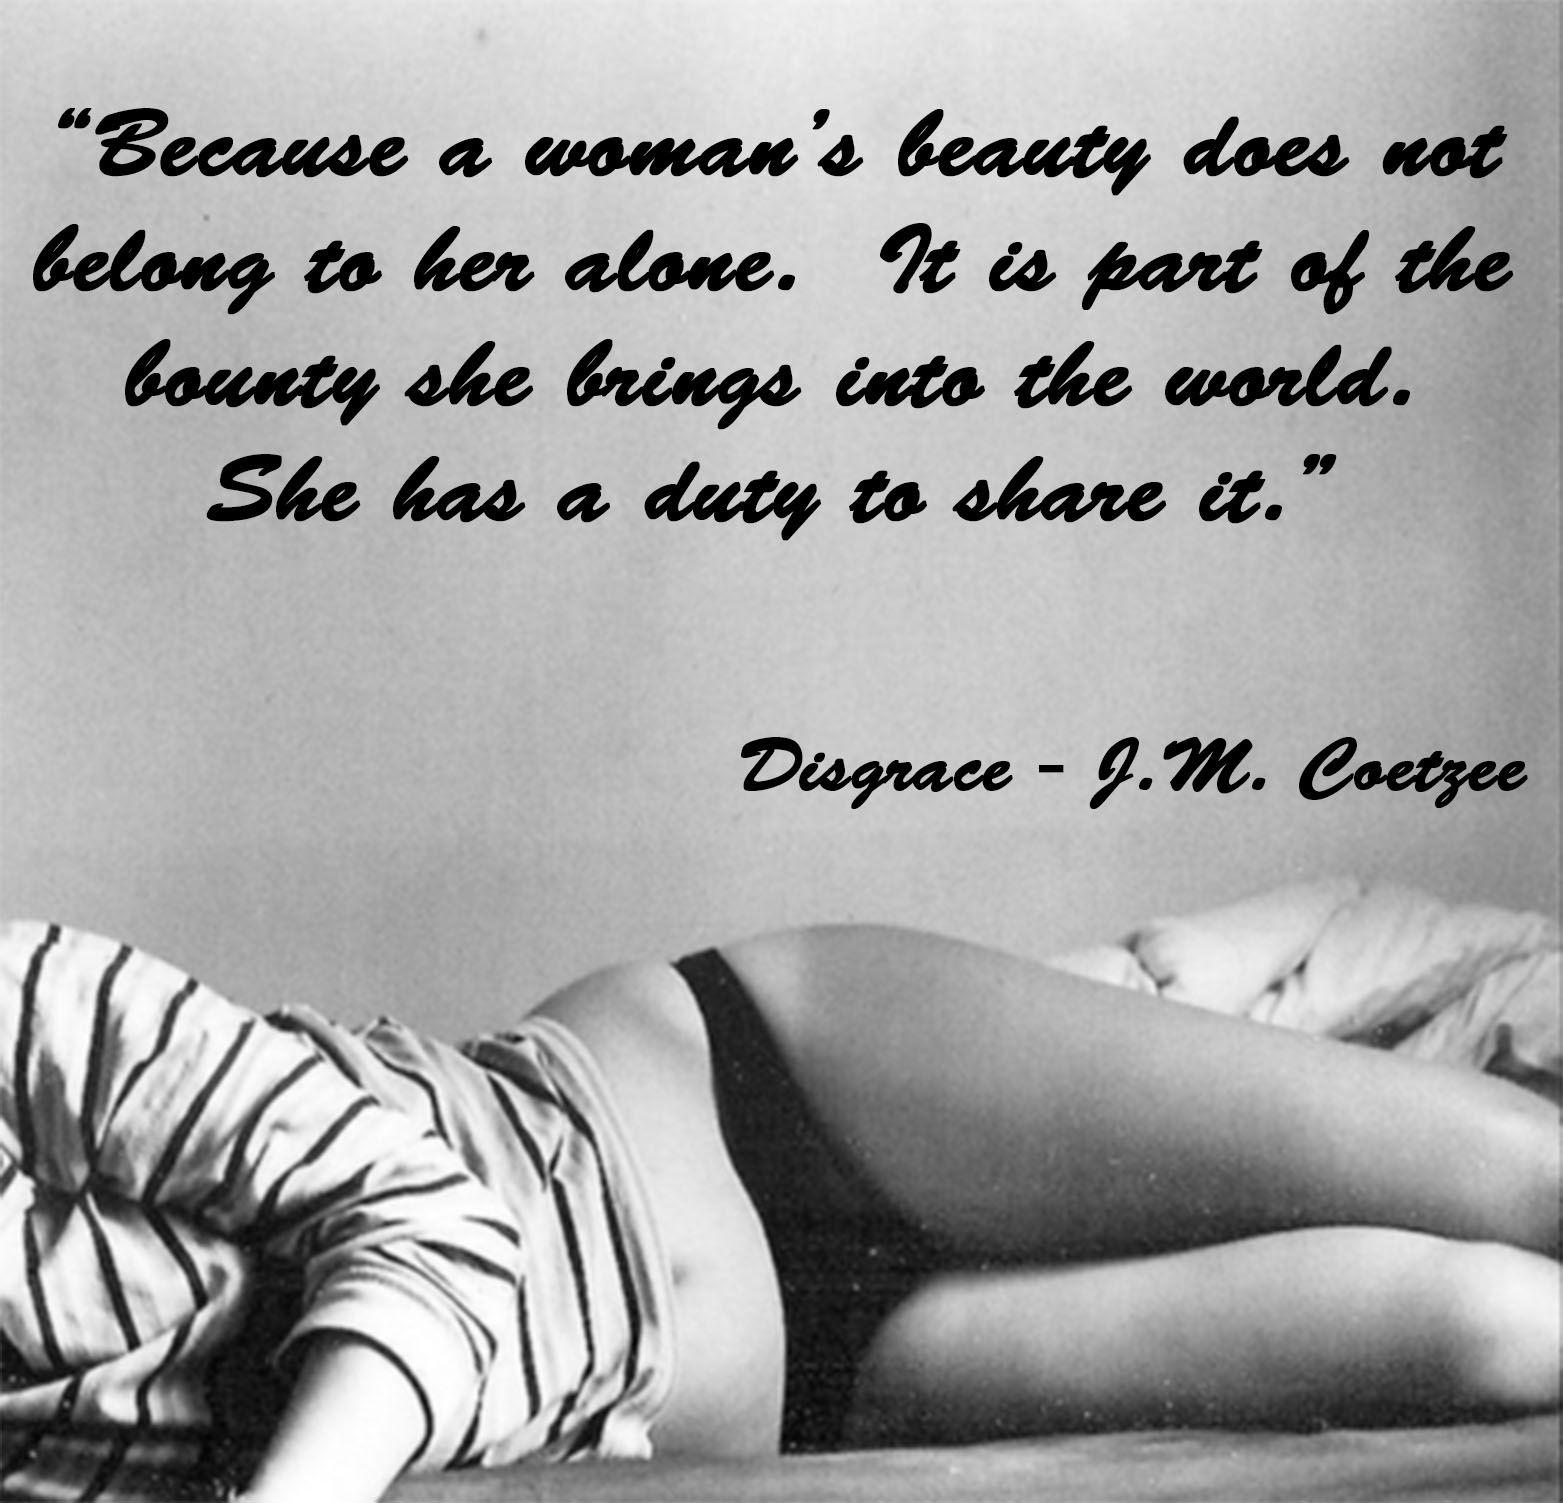 disgrace jm coetzee De controversiële roman disgrace van nobelprijswinnaar jm coetzee is verfilmd door de australiër steve jacobs coetzee vertrouwde erop dat die niet zou.